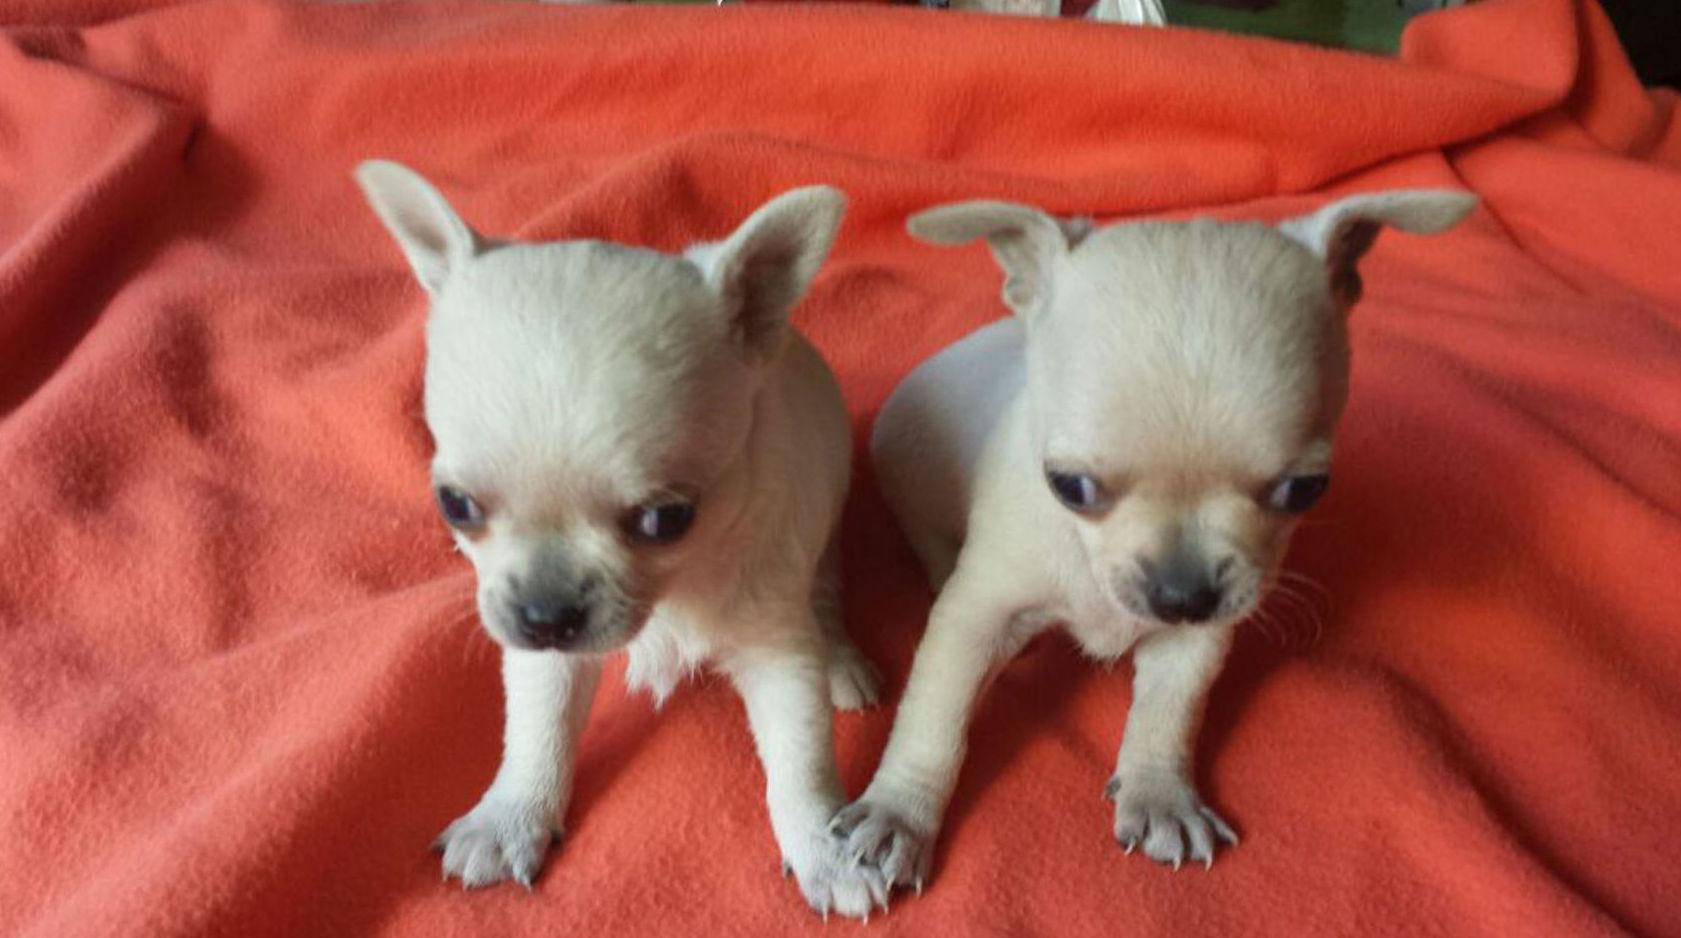 Criadores Chihuahuas tenerife/cachorros chihuahua tenerife/venta de chihuahuas en tenerife